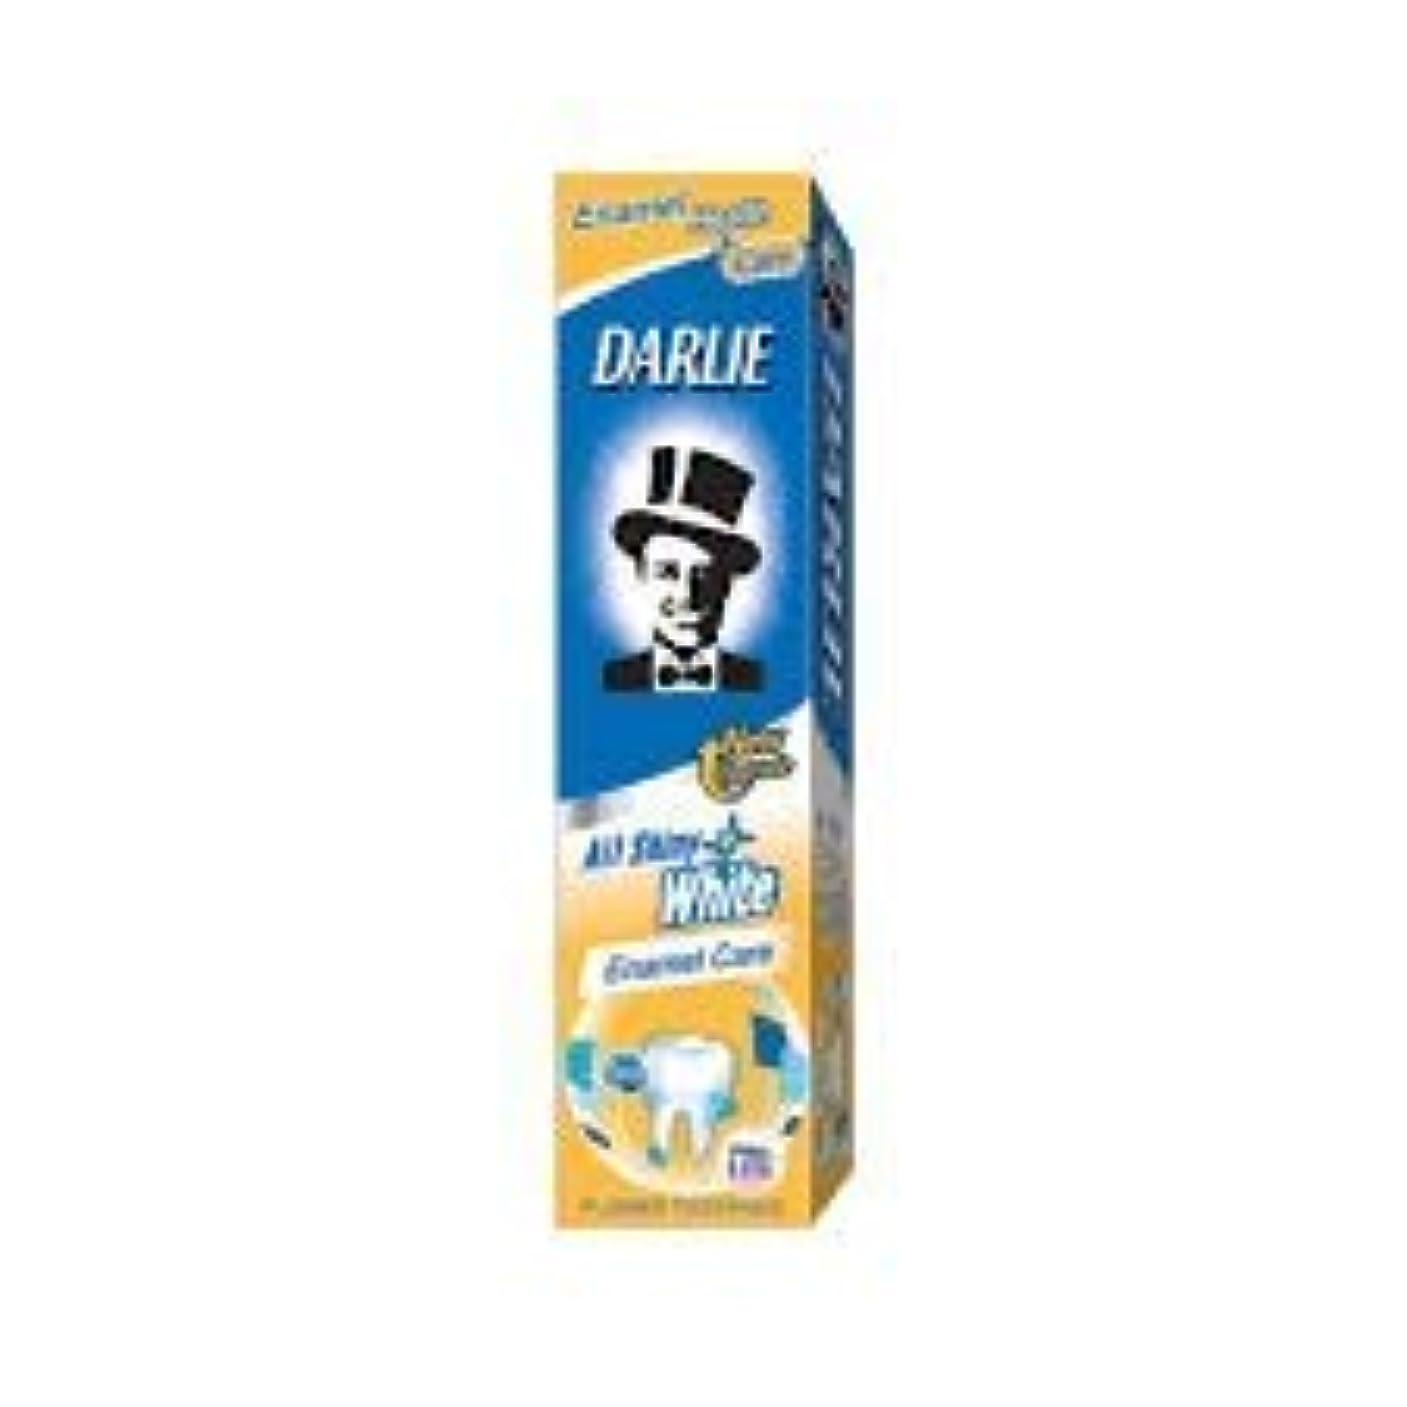 叫ぶパスタ童謡DARLIE 含むフッ素戦うされたチャンバと、歯を保護する - 全て歯磨き粉光沢のある白色エナメル140グラム気